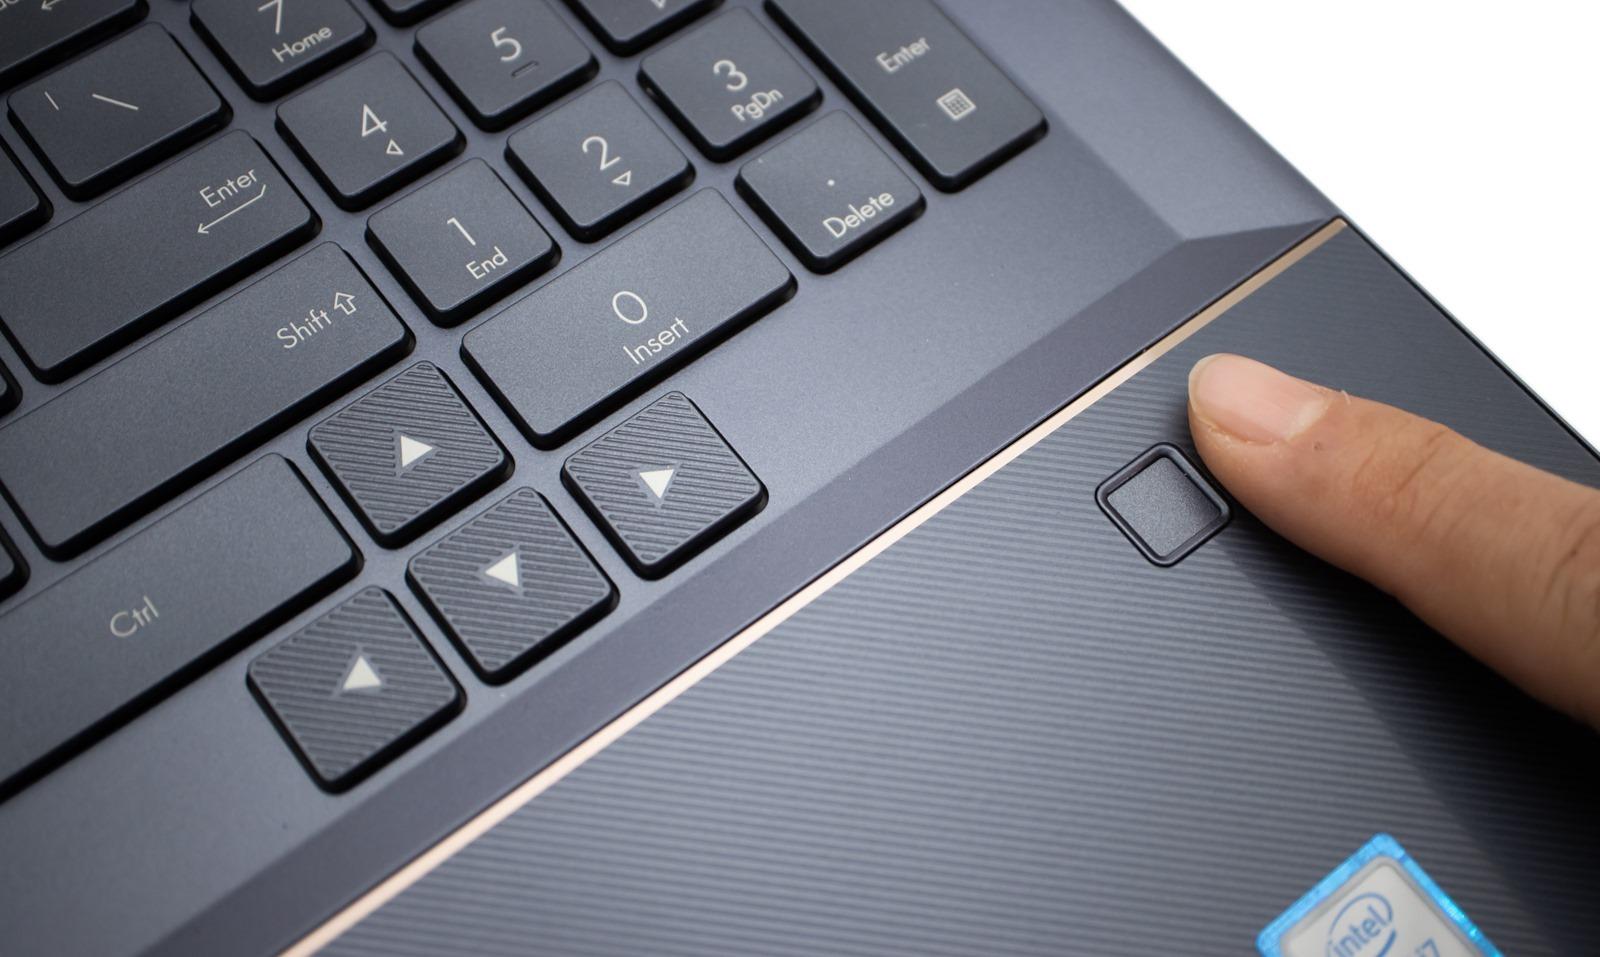 最強創作神器 ProArt StudioBook Pro X (W730) 創作者旗艦筆電,旗艦暴力性能頂級雙螢! @3C 達人廖阿輝